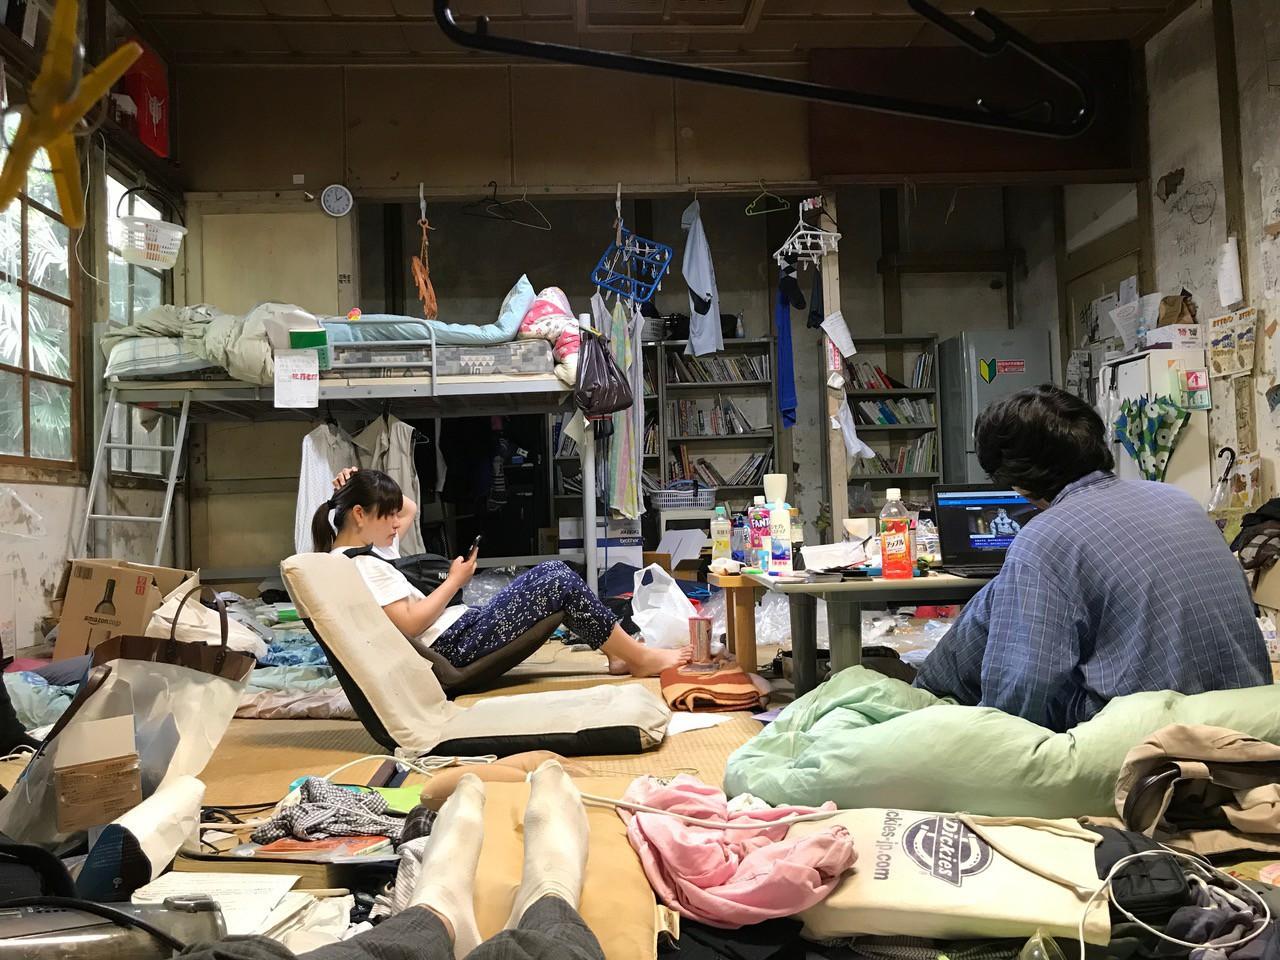 Chùm ảnh: Hiện thực phũ phàng, cuộc sống tối tăm bên trong ký túc xá các trường Đại học trên thế giới - Ảnh 5.